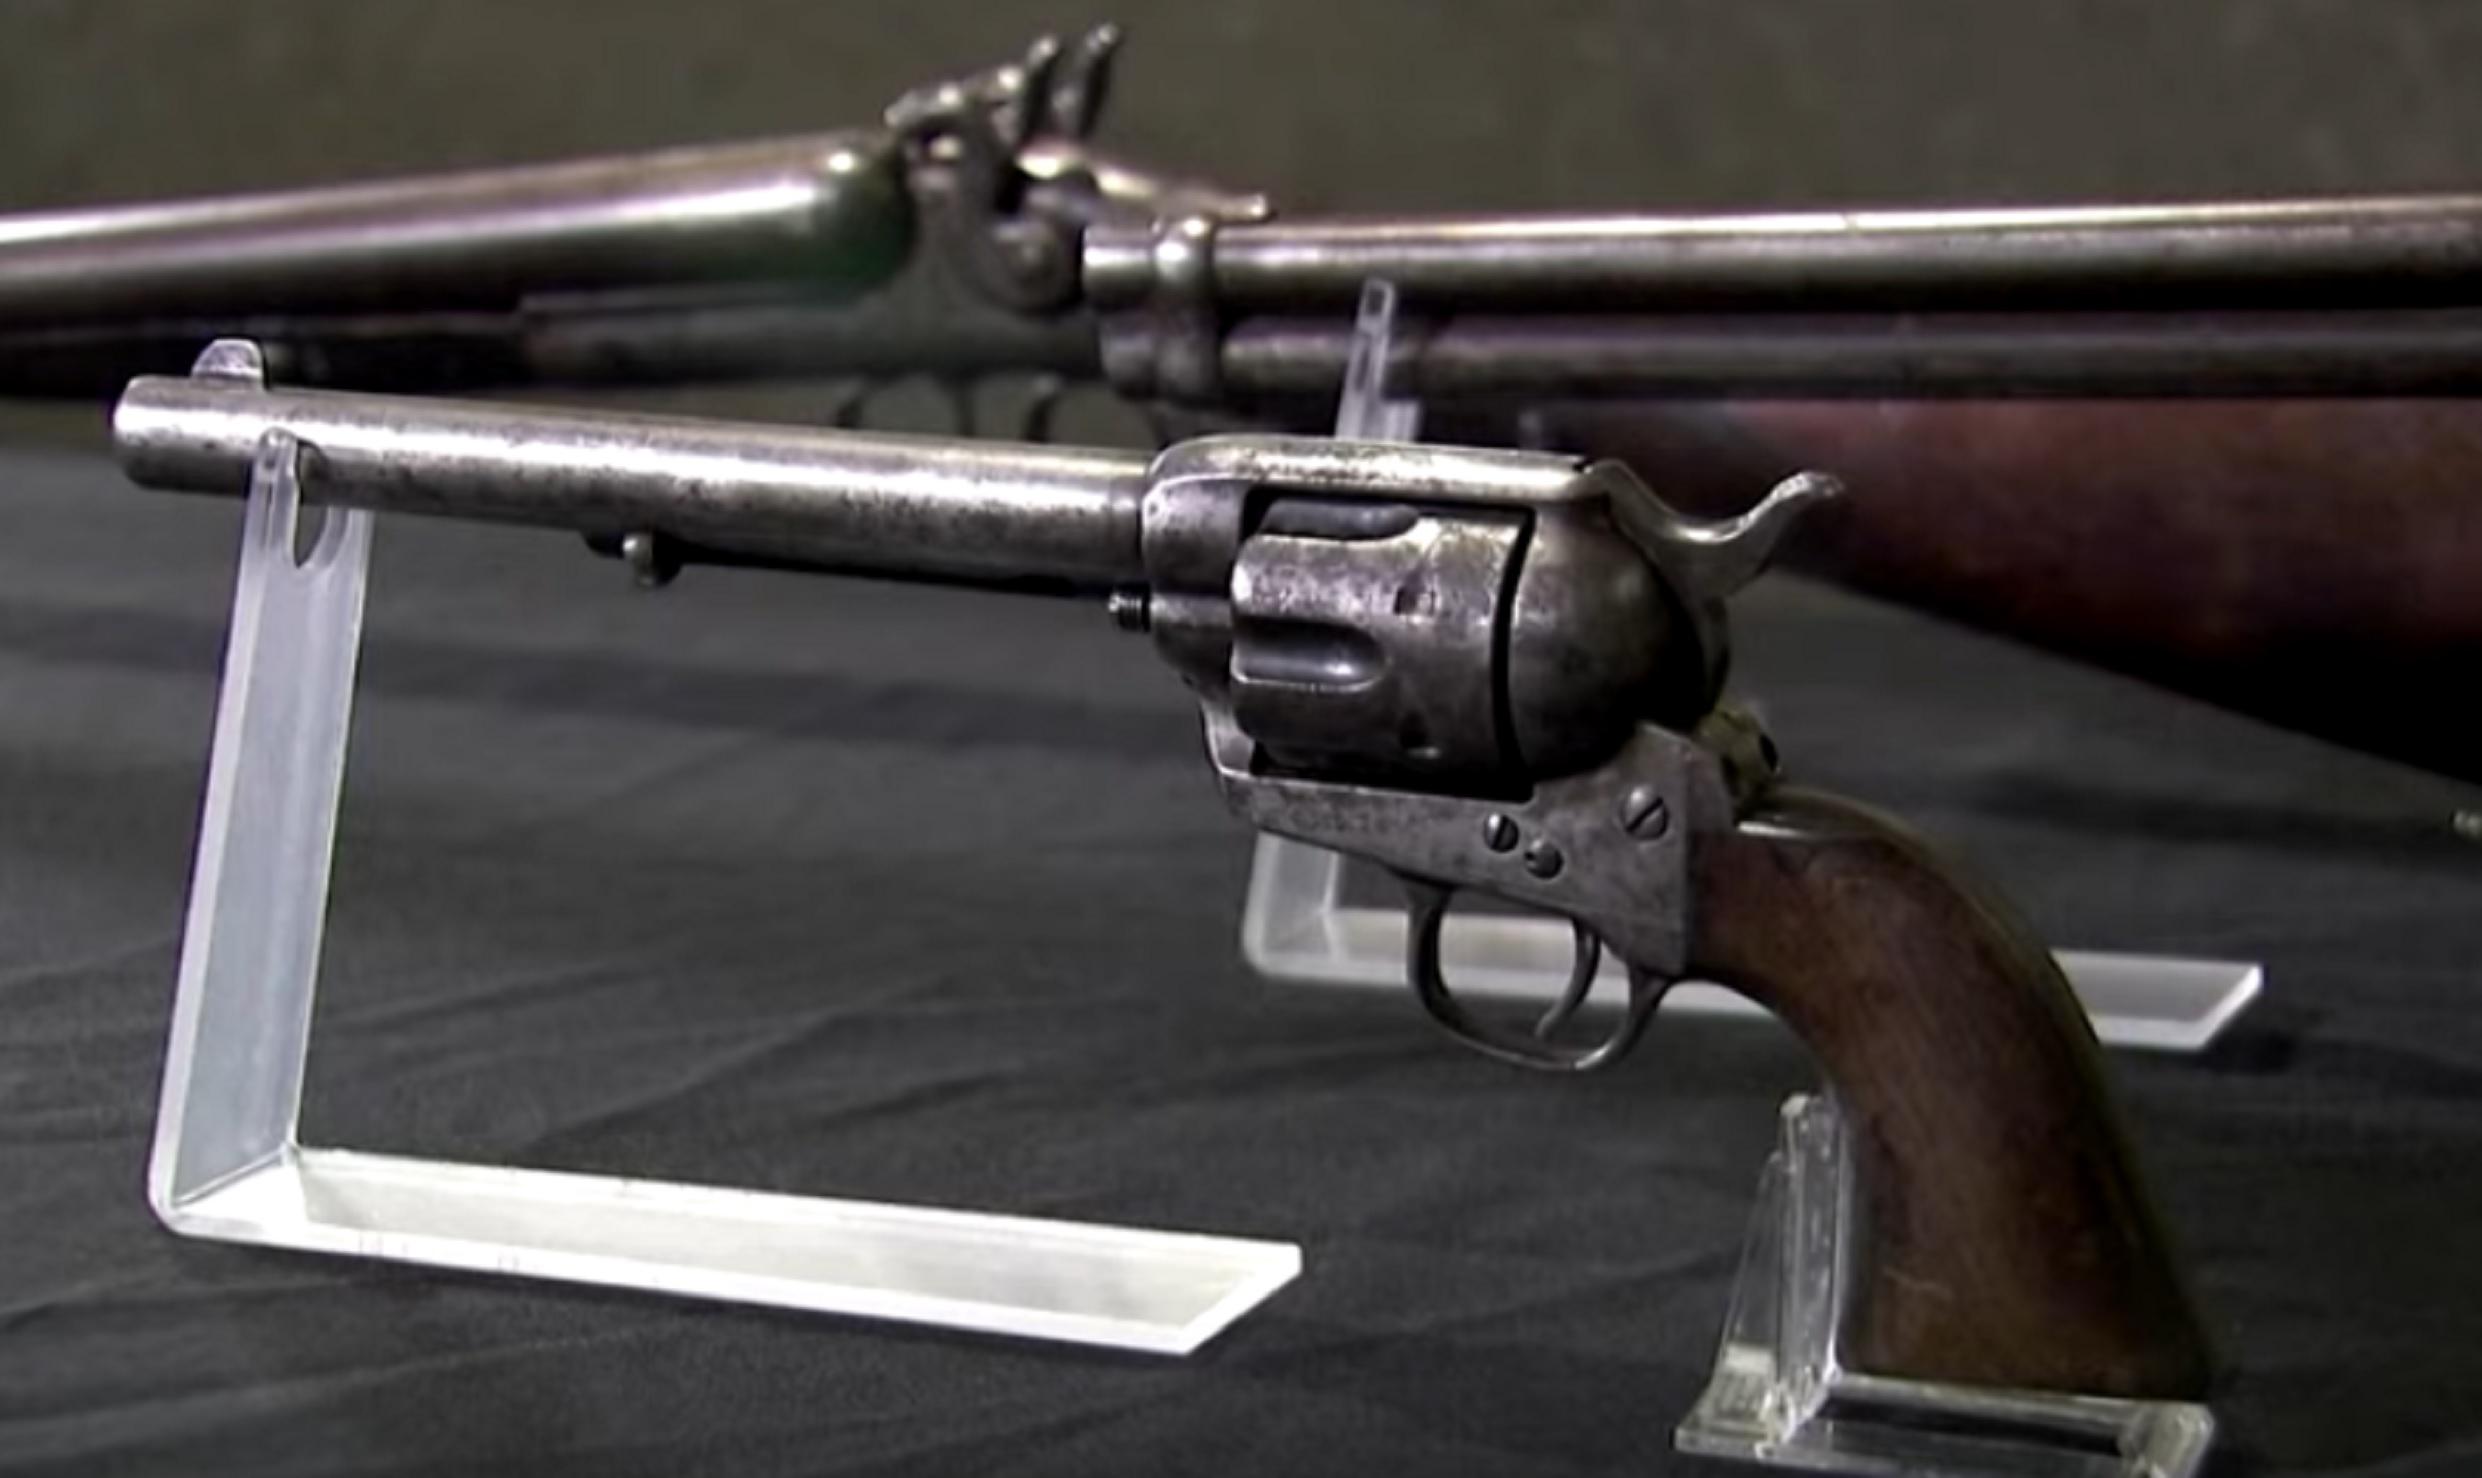 ΗΠΑ: 6 εκατομμύρια δολάρια για το όπλο που σκότωσε τον θρυλικό Μπίλι δε Κιντ